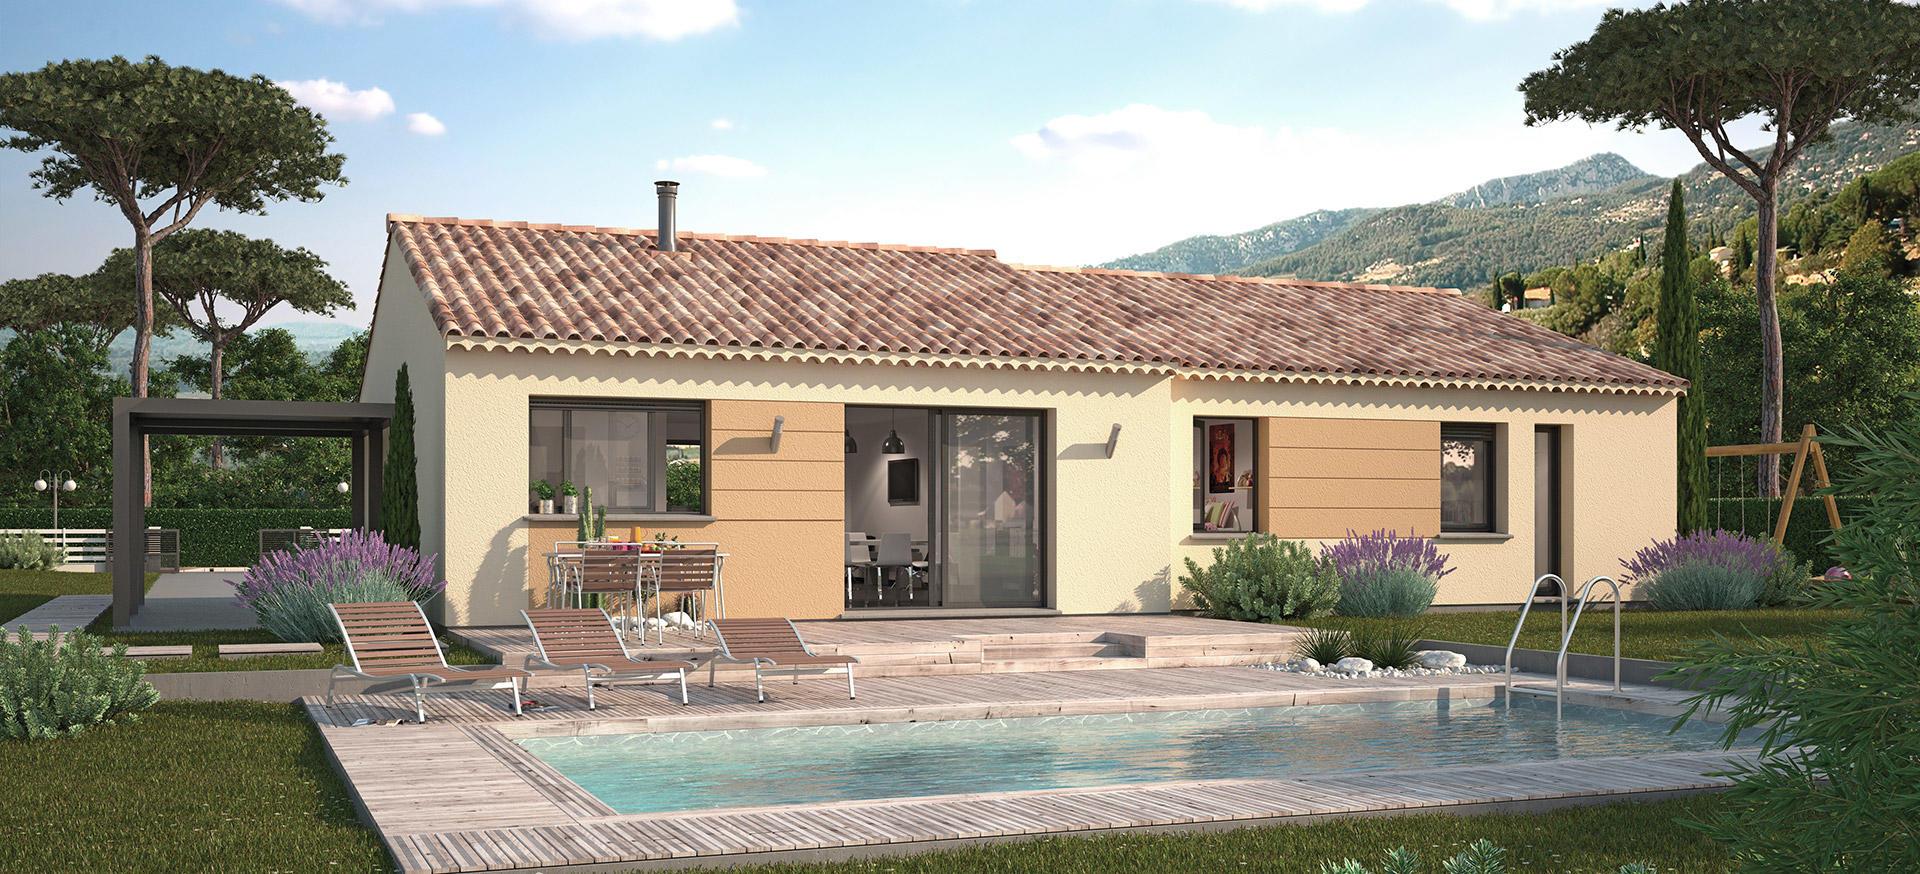 Maisons + Terrains du constructeur MAISON FAMILIALE • 87 m² • VIDAUBAN